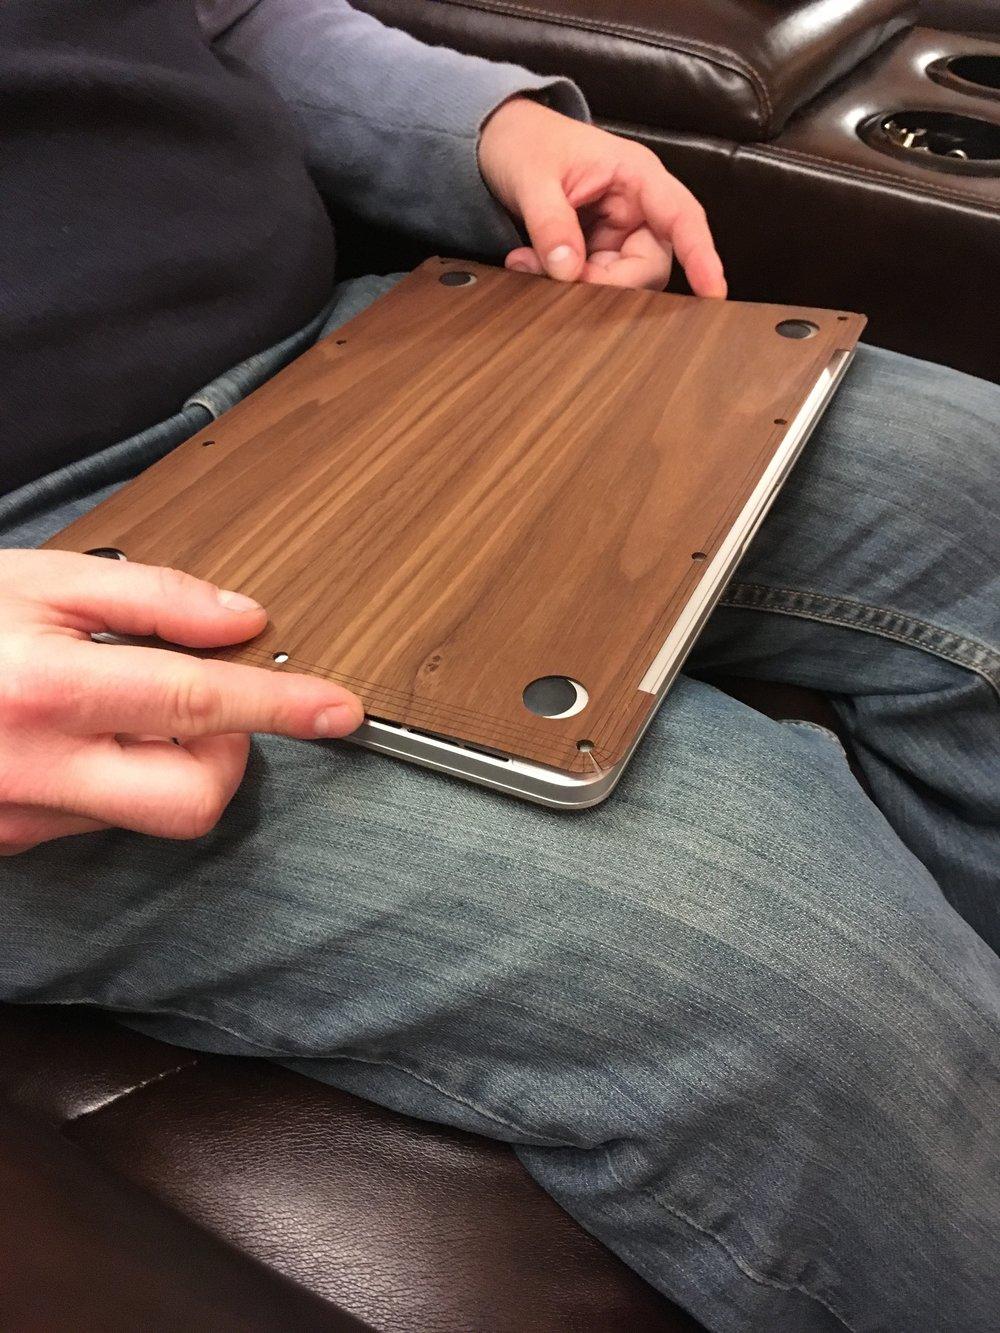 Toast MacBook Cover Review - whatthegirlssay.com